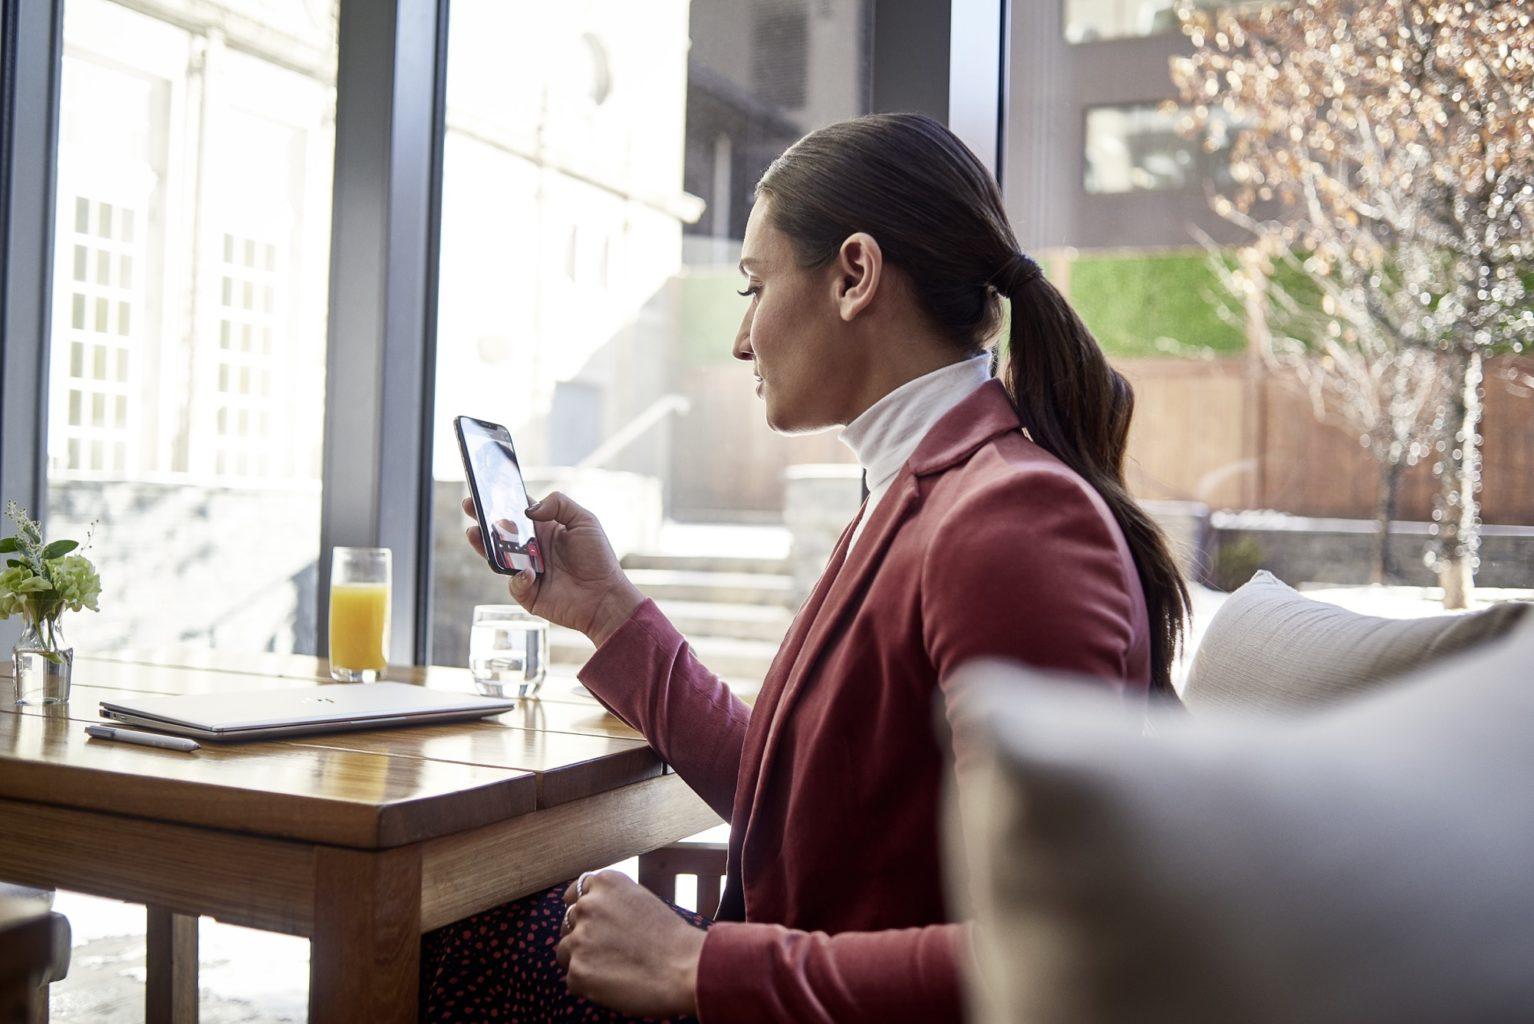 en person som sitter ved et bord foran et vindu